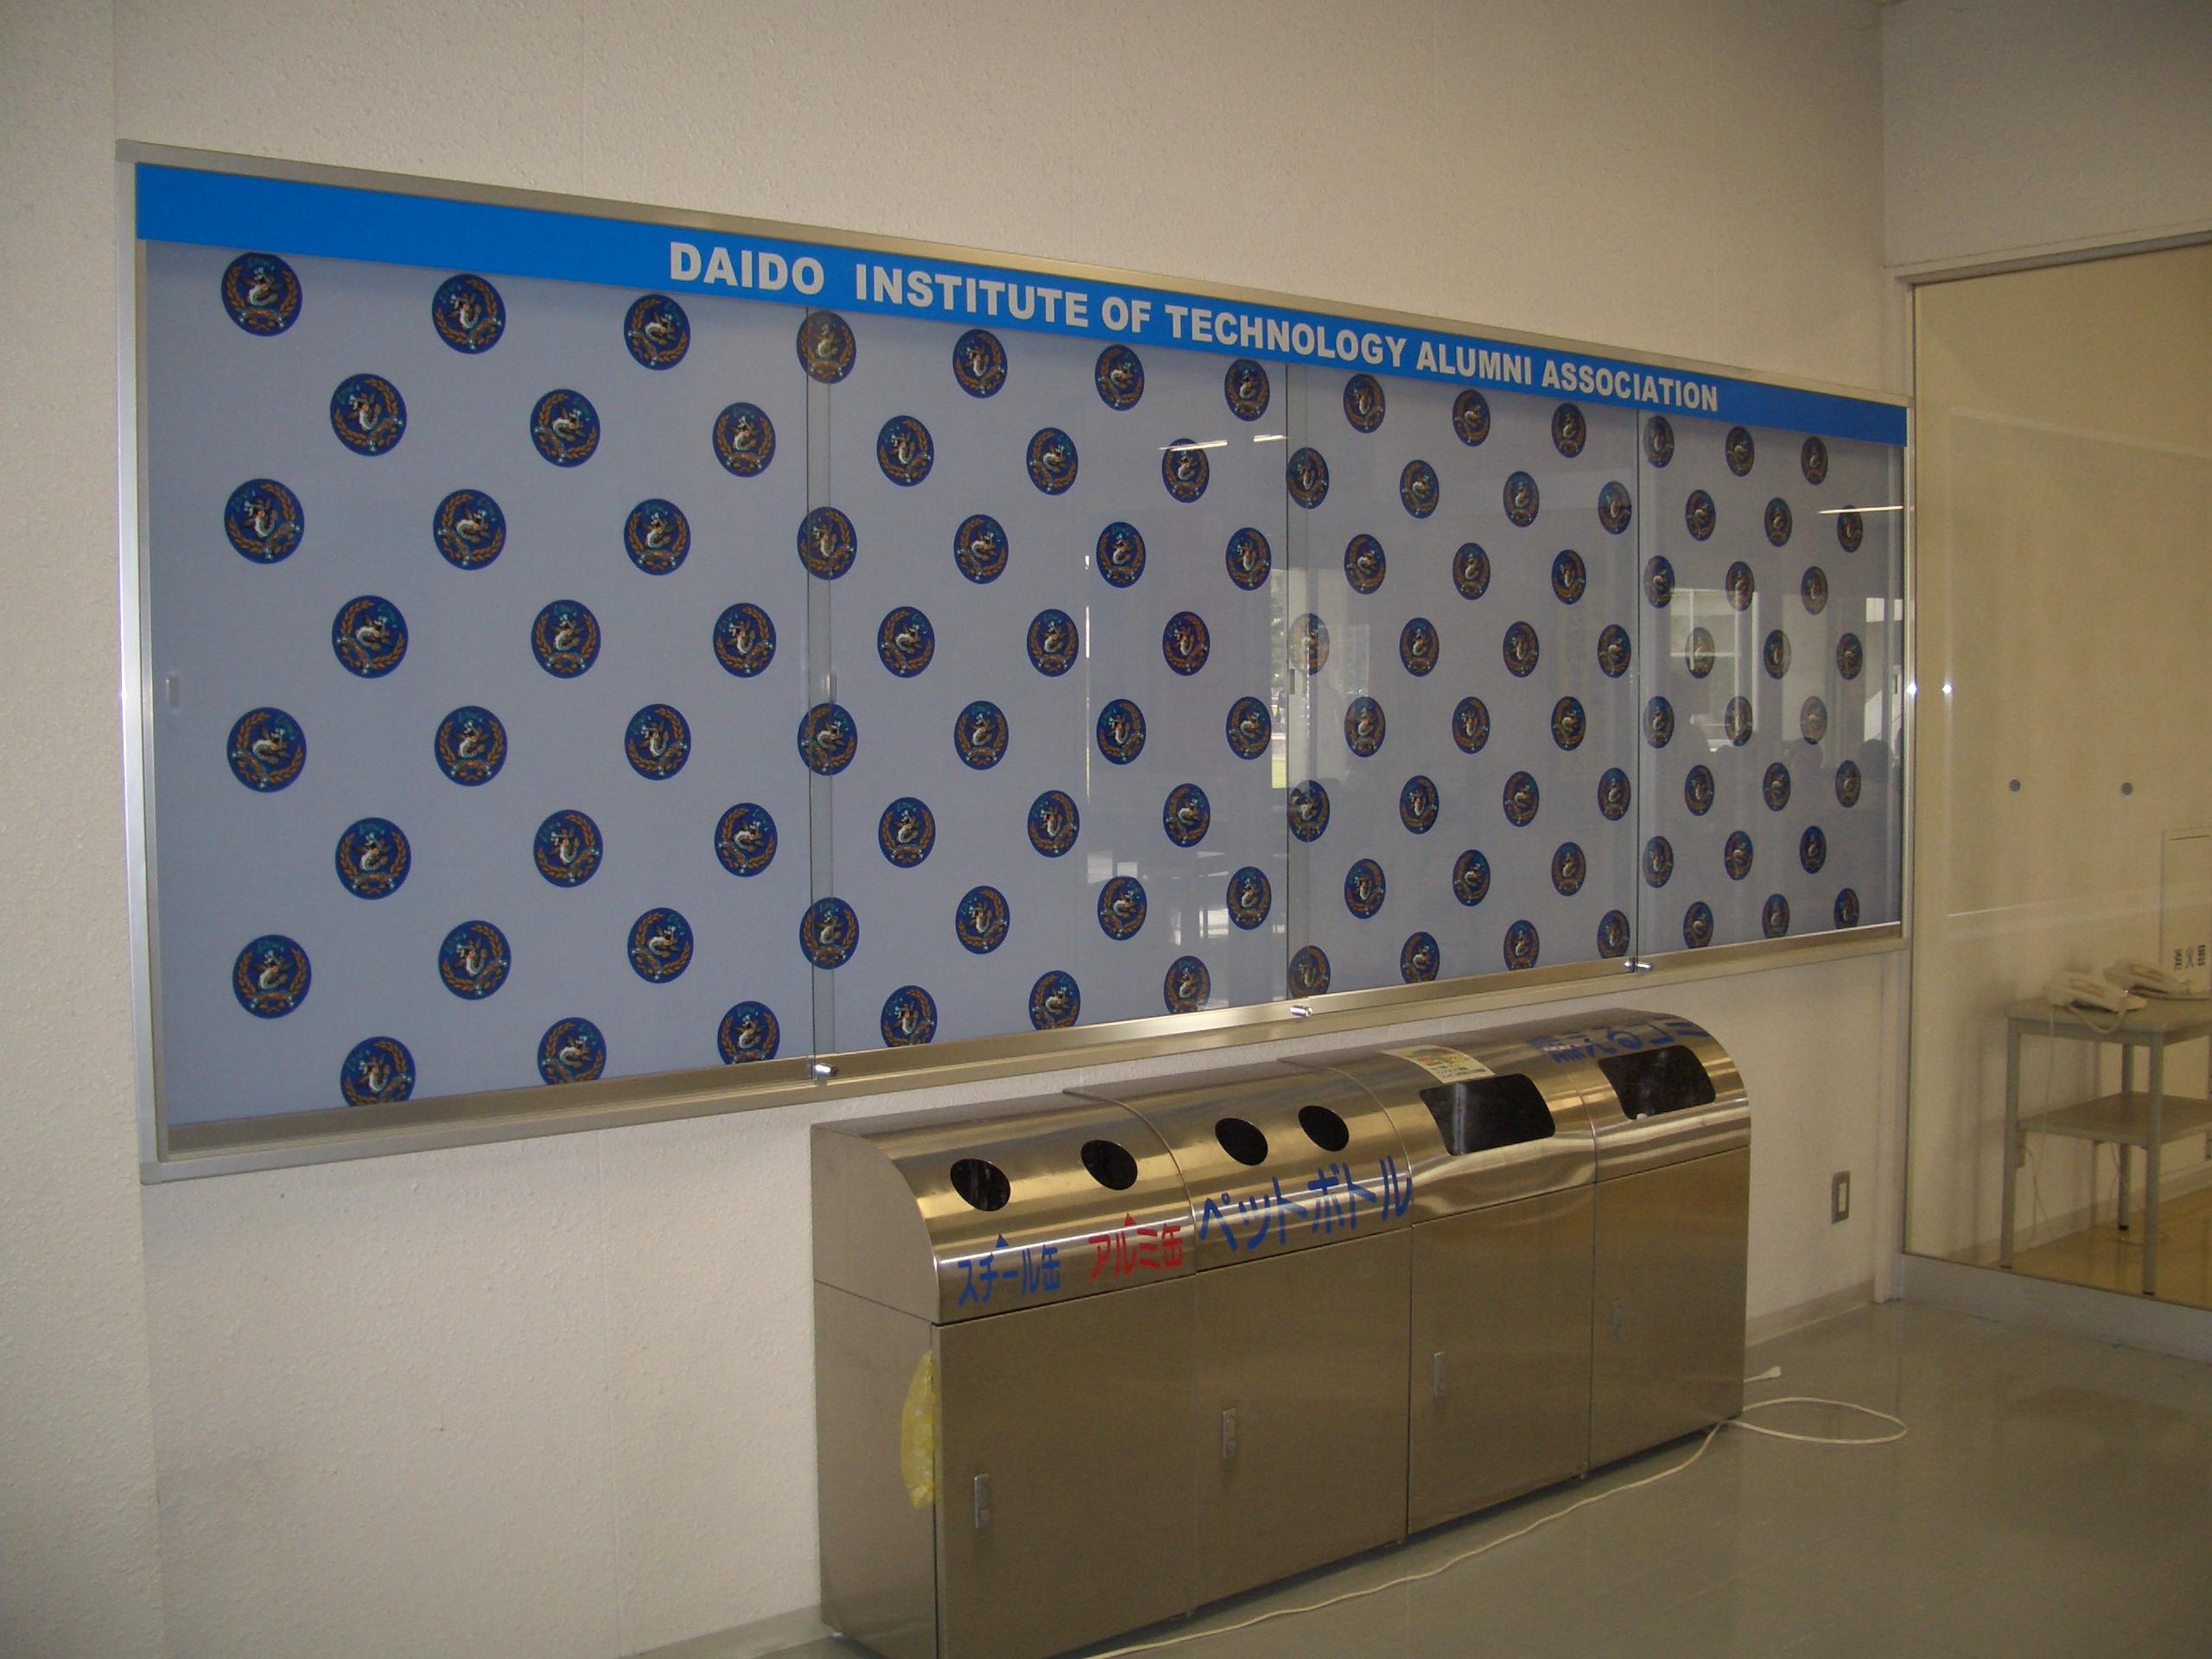 ホワイトボード・黒板・チョーク関連品の販売支援サイト - コメント